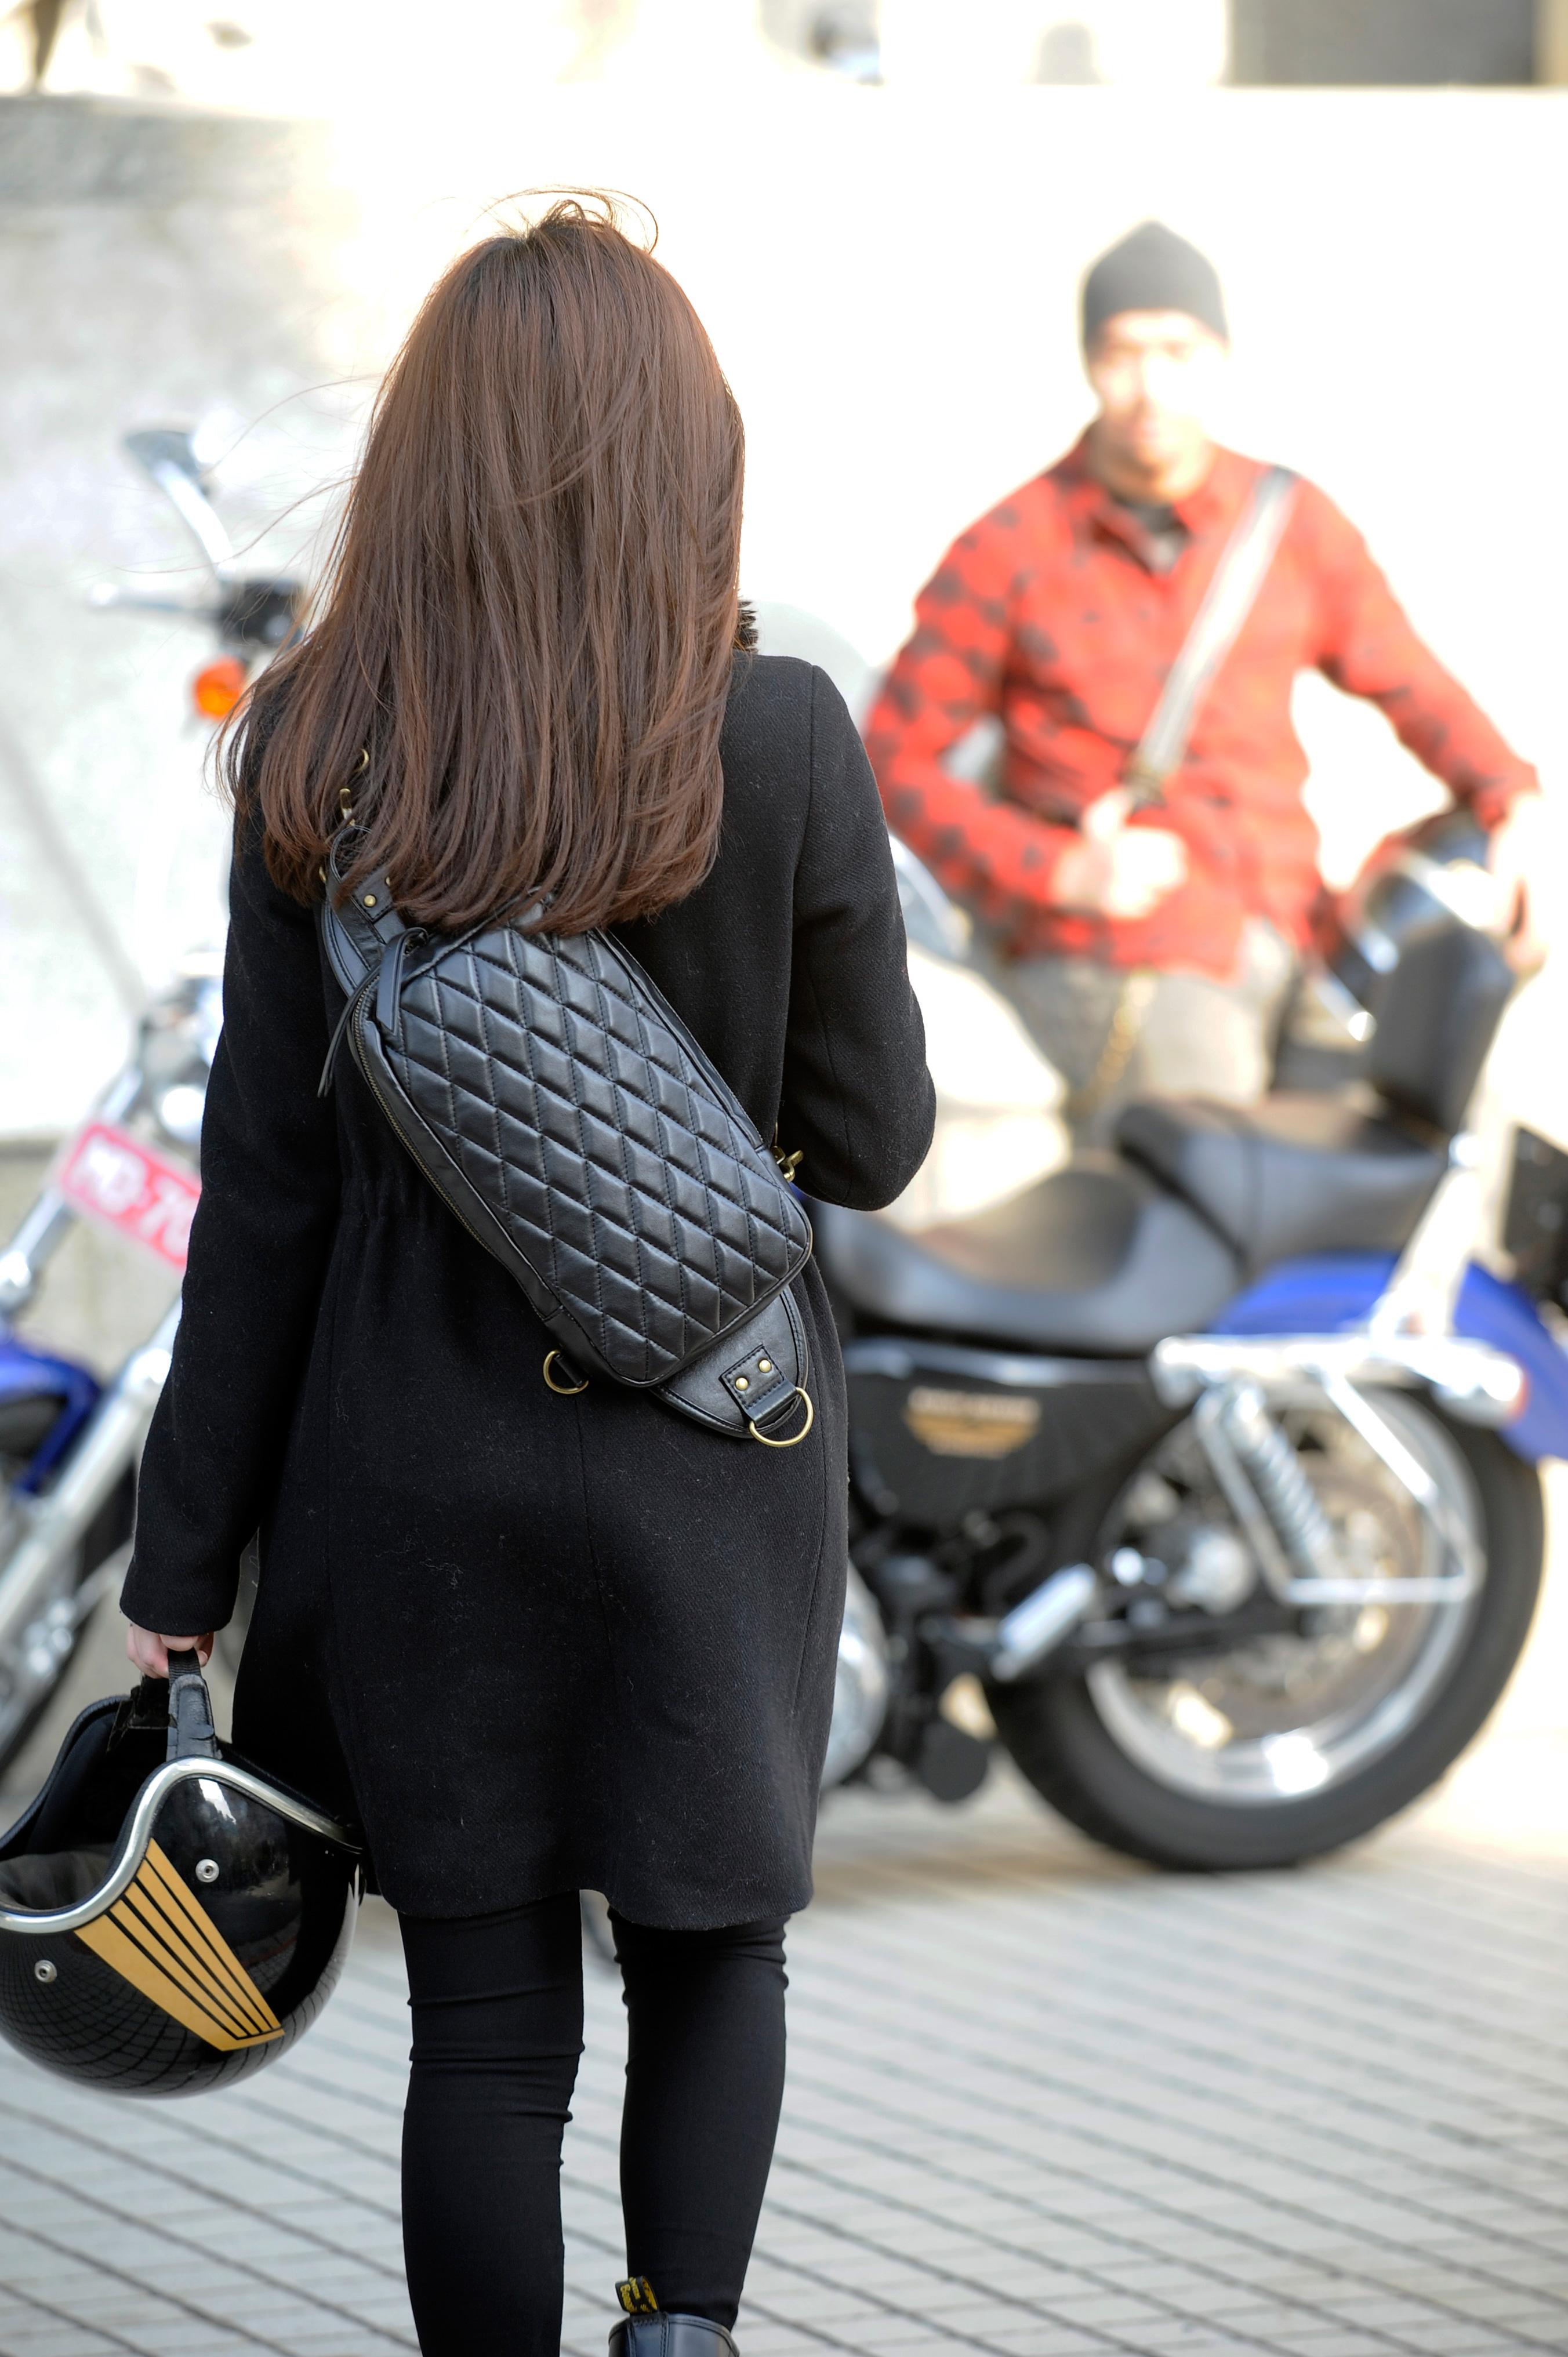 菱格紋 肩包 防潑水 FREE BIKER PU皮革 手工 騎士包 斜背包 平板